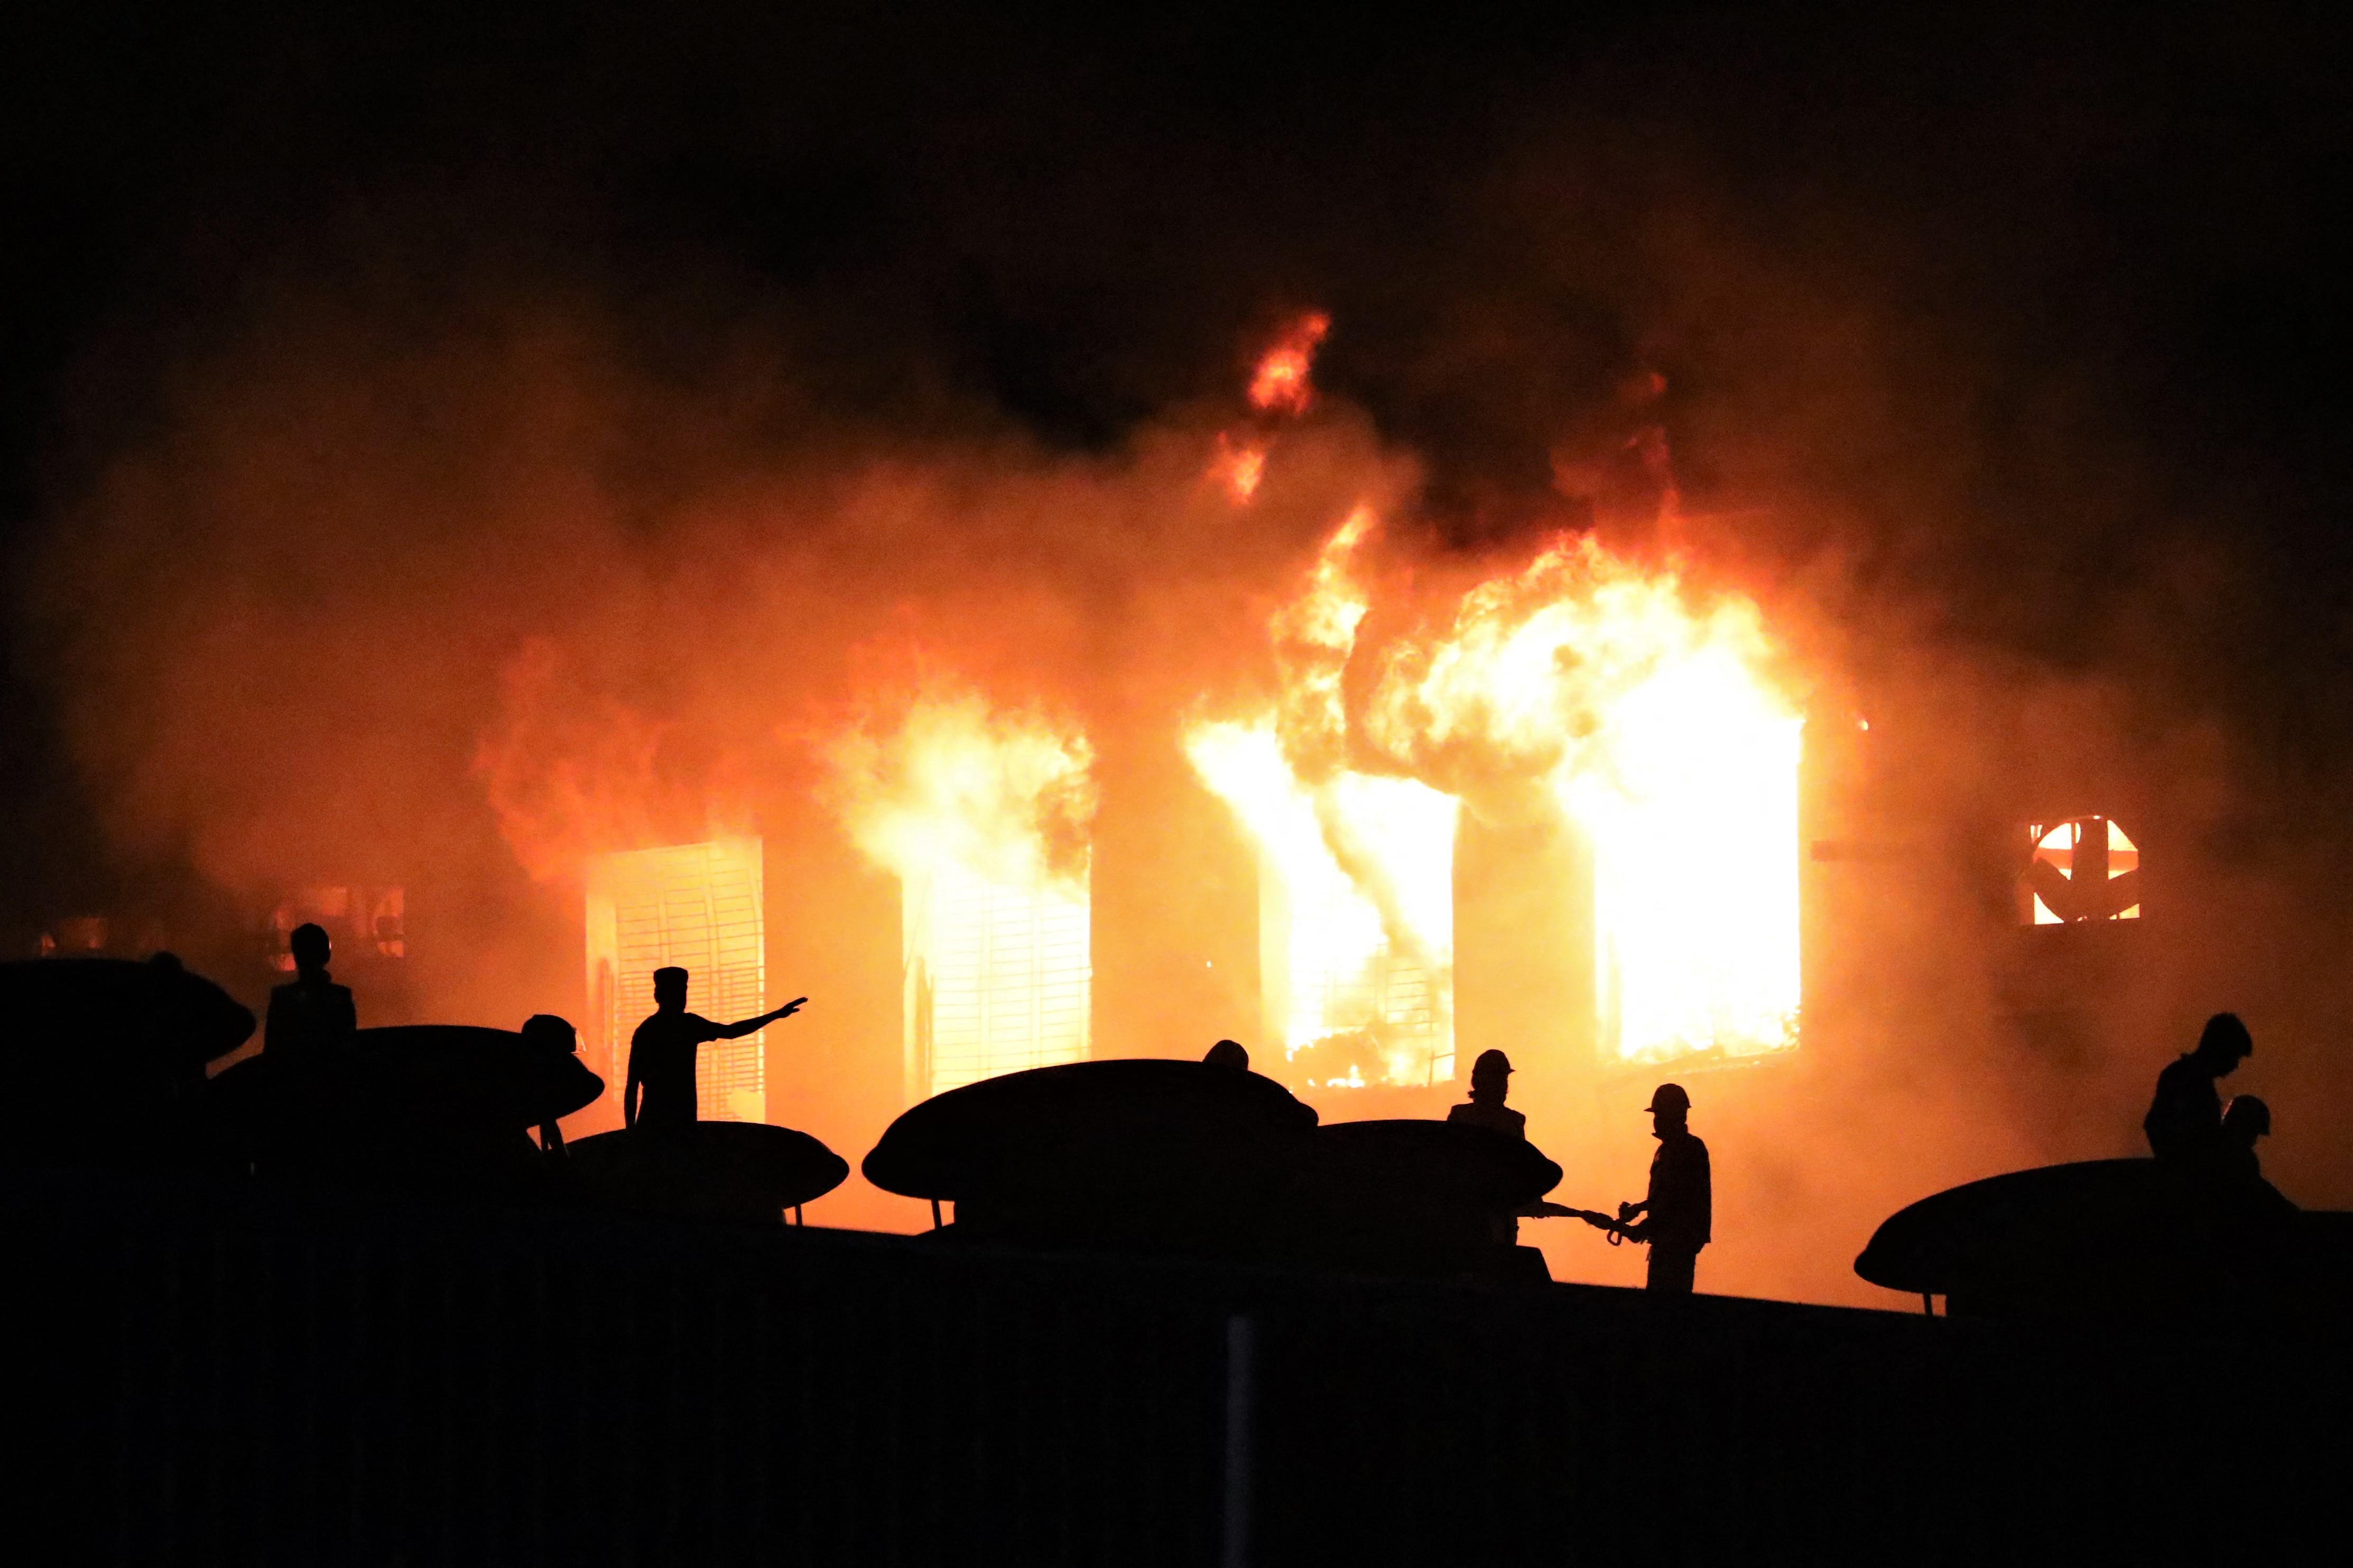 Legalább 52-en vesztették életüket egy kigyulladt bangladesi gyárban